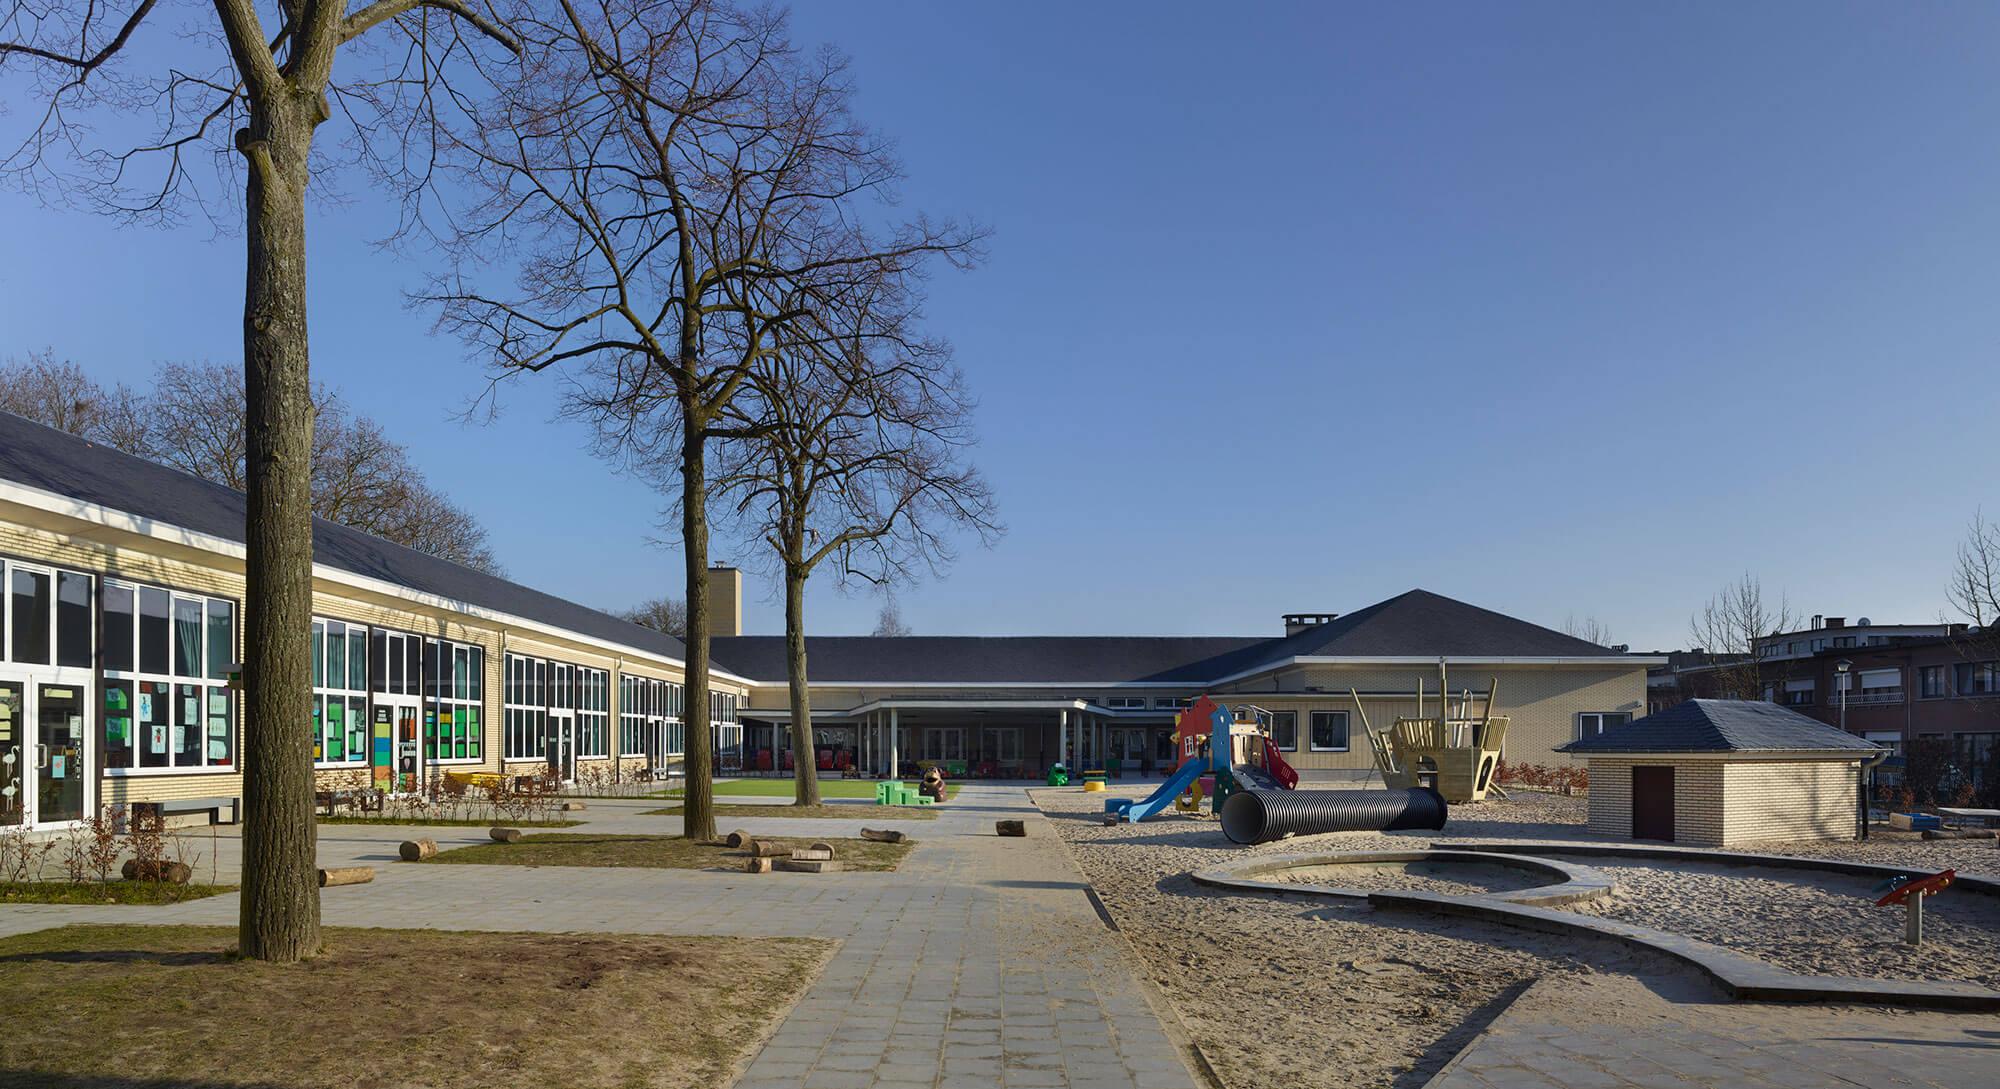 Overzicht van de ruime speelplaats, voorzien van een grote en open zandbak.